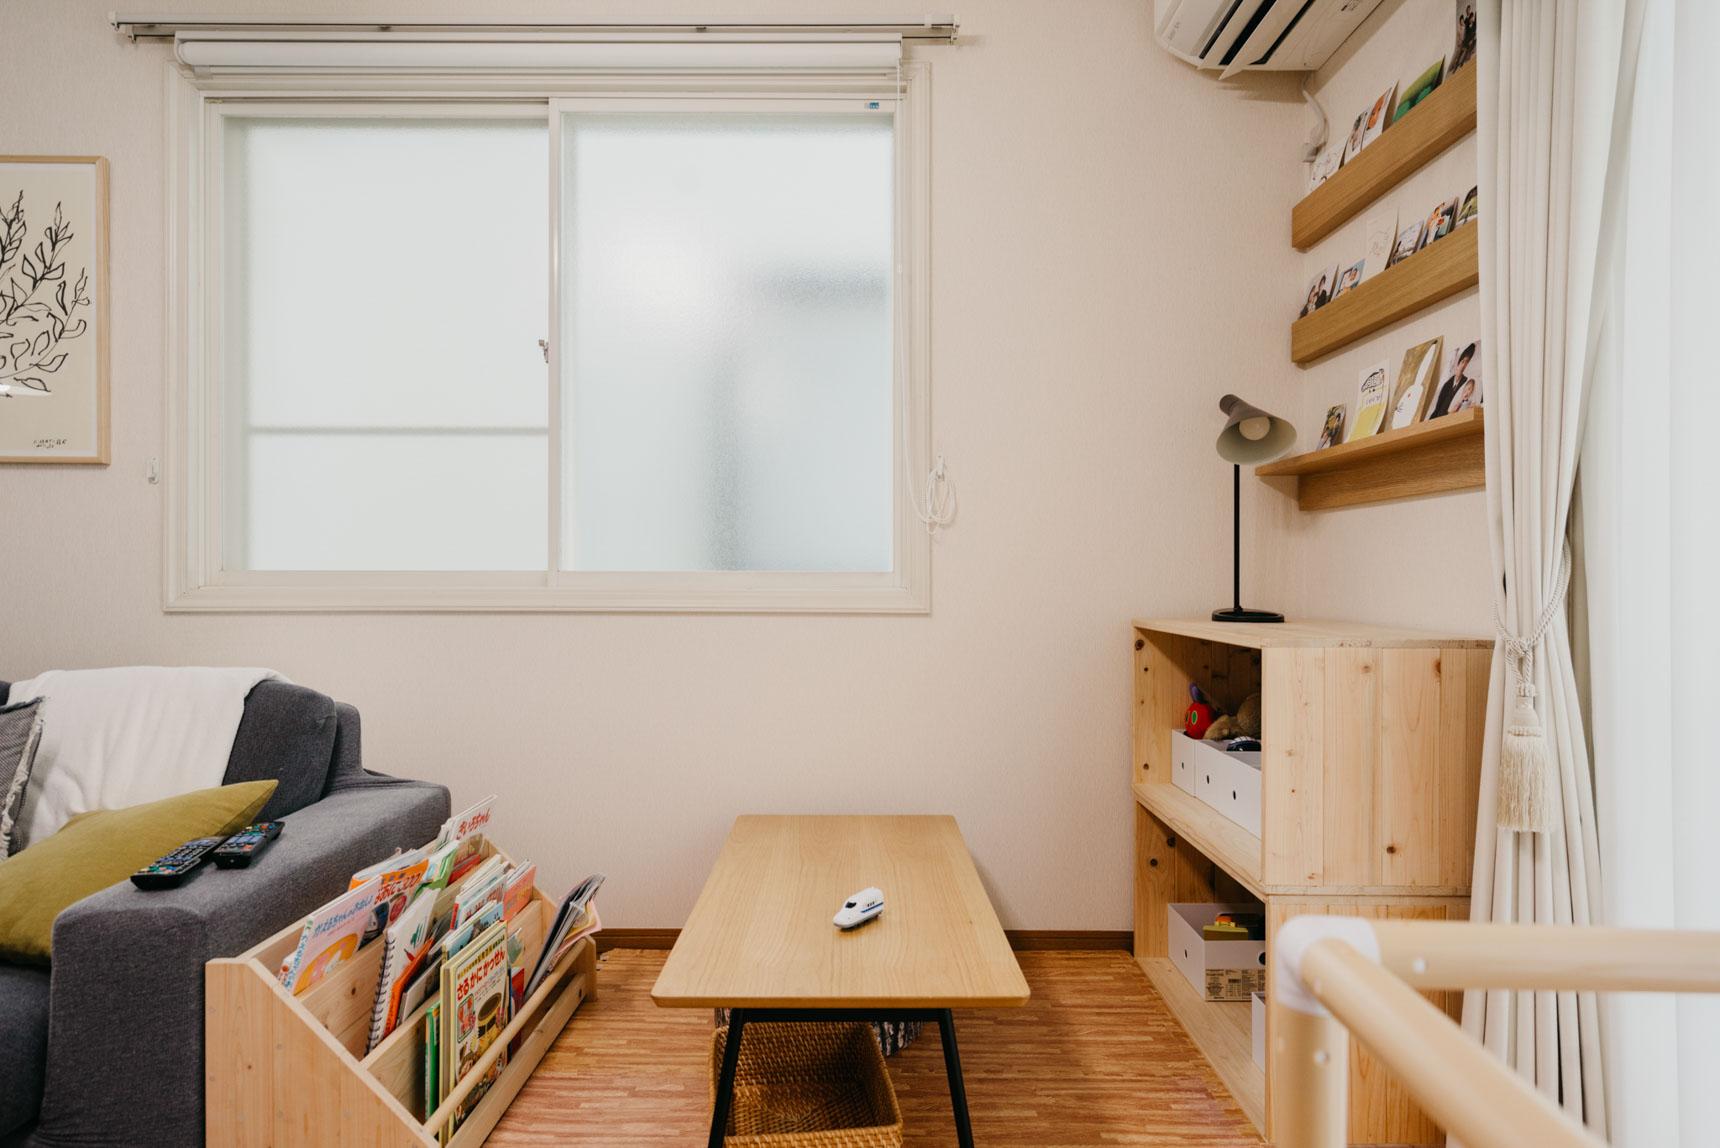 カラフルな絵本の入った本棚は、リビングの入口からは目に入らない位置に。その向かいには、息子さんのおもちゃと、家族の写真を飾るスペースが。